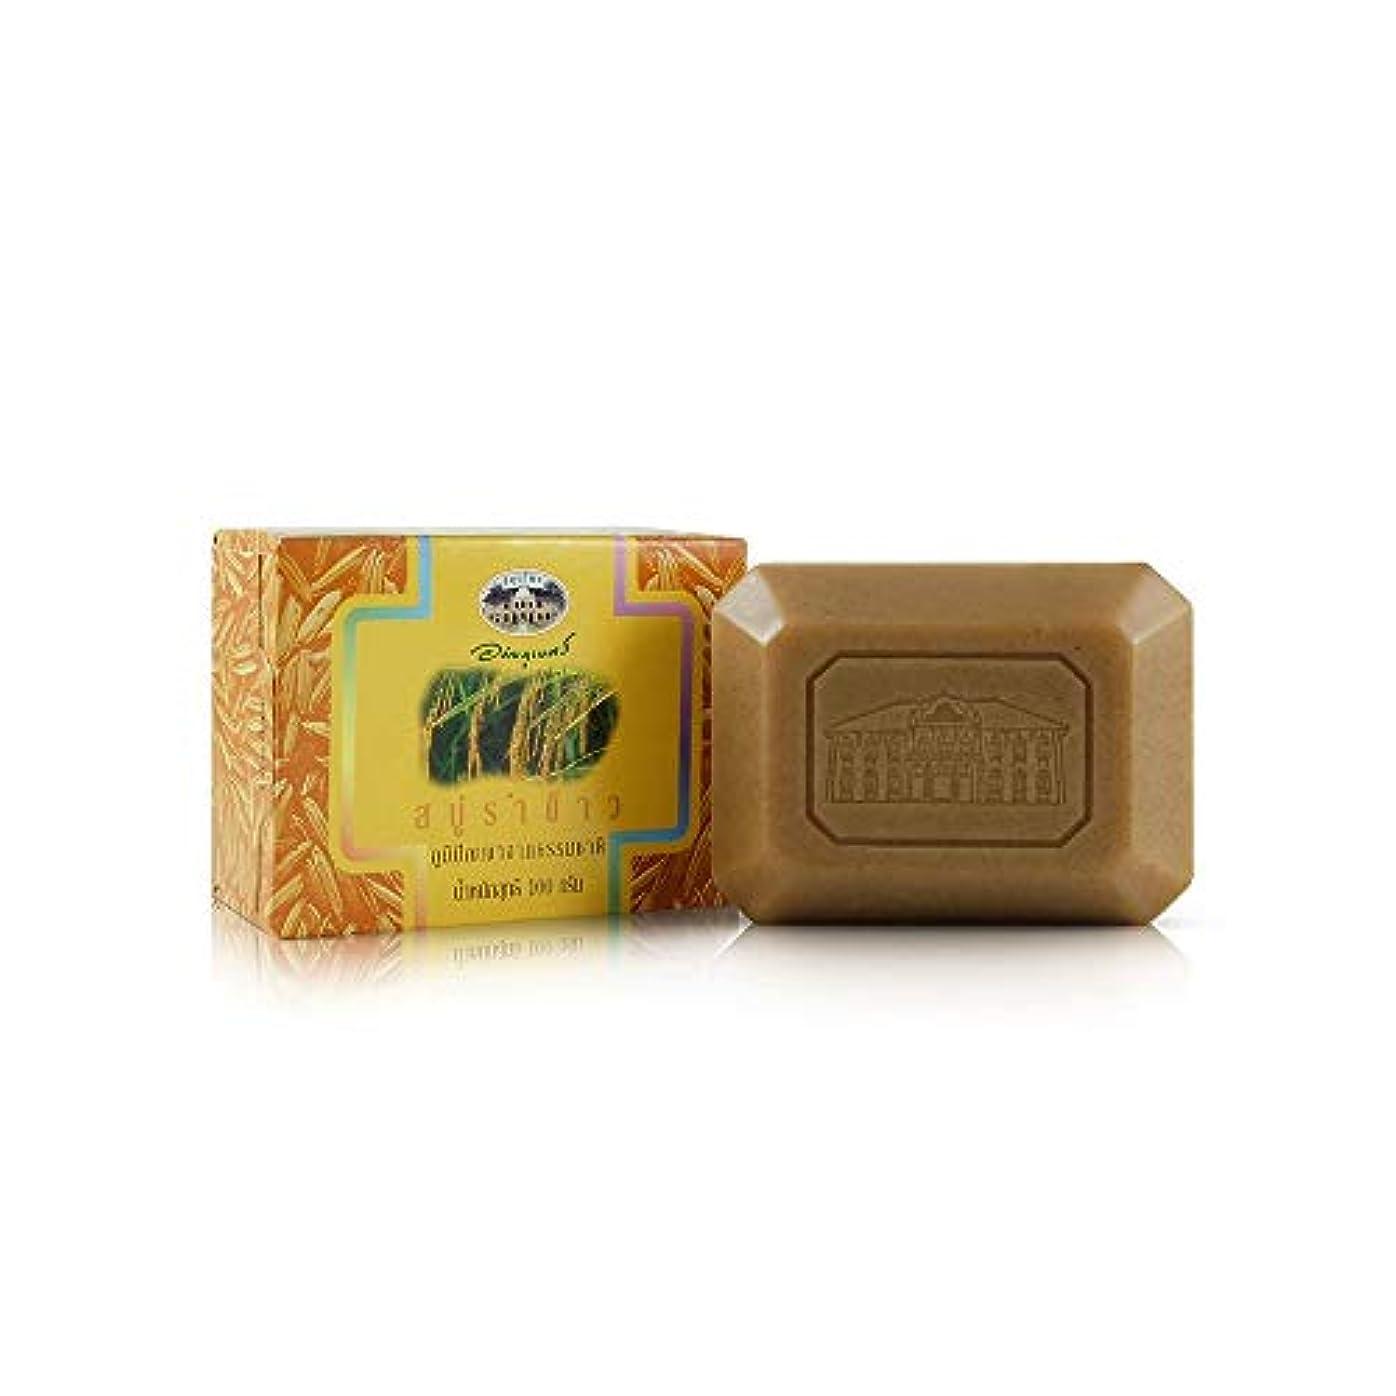 ベルト哲学者セクタAbhaibhubejhr Rice Bran Herbal Body Cleansing Soap 100g. Abhaibhubejhrライスブランハーブボディクレンジングソープ100グラム。